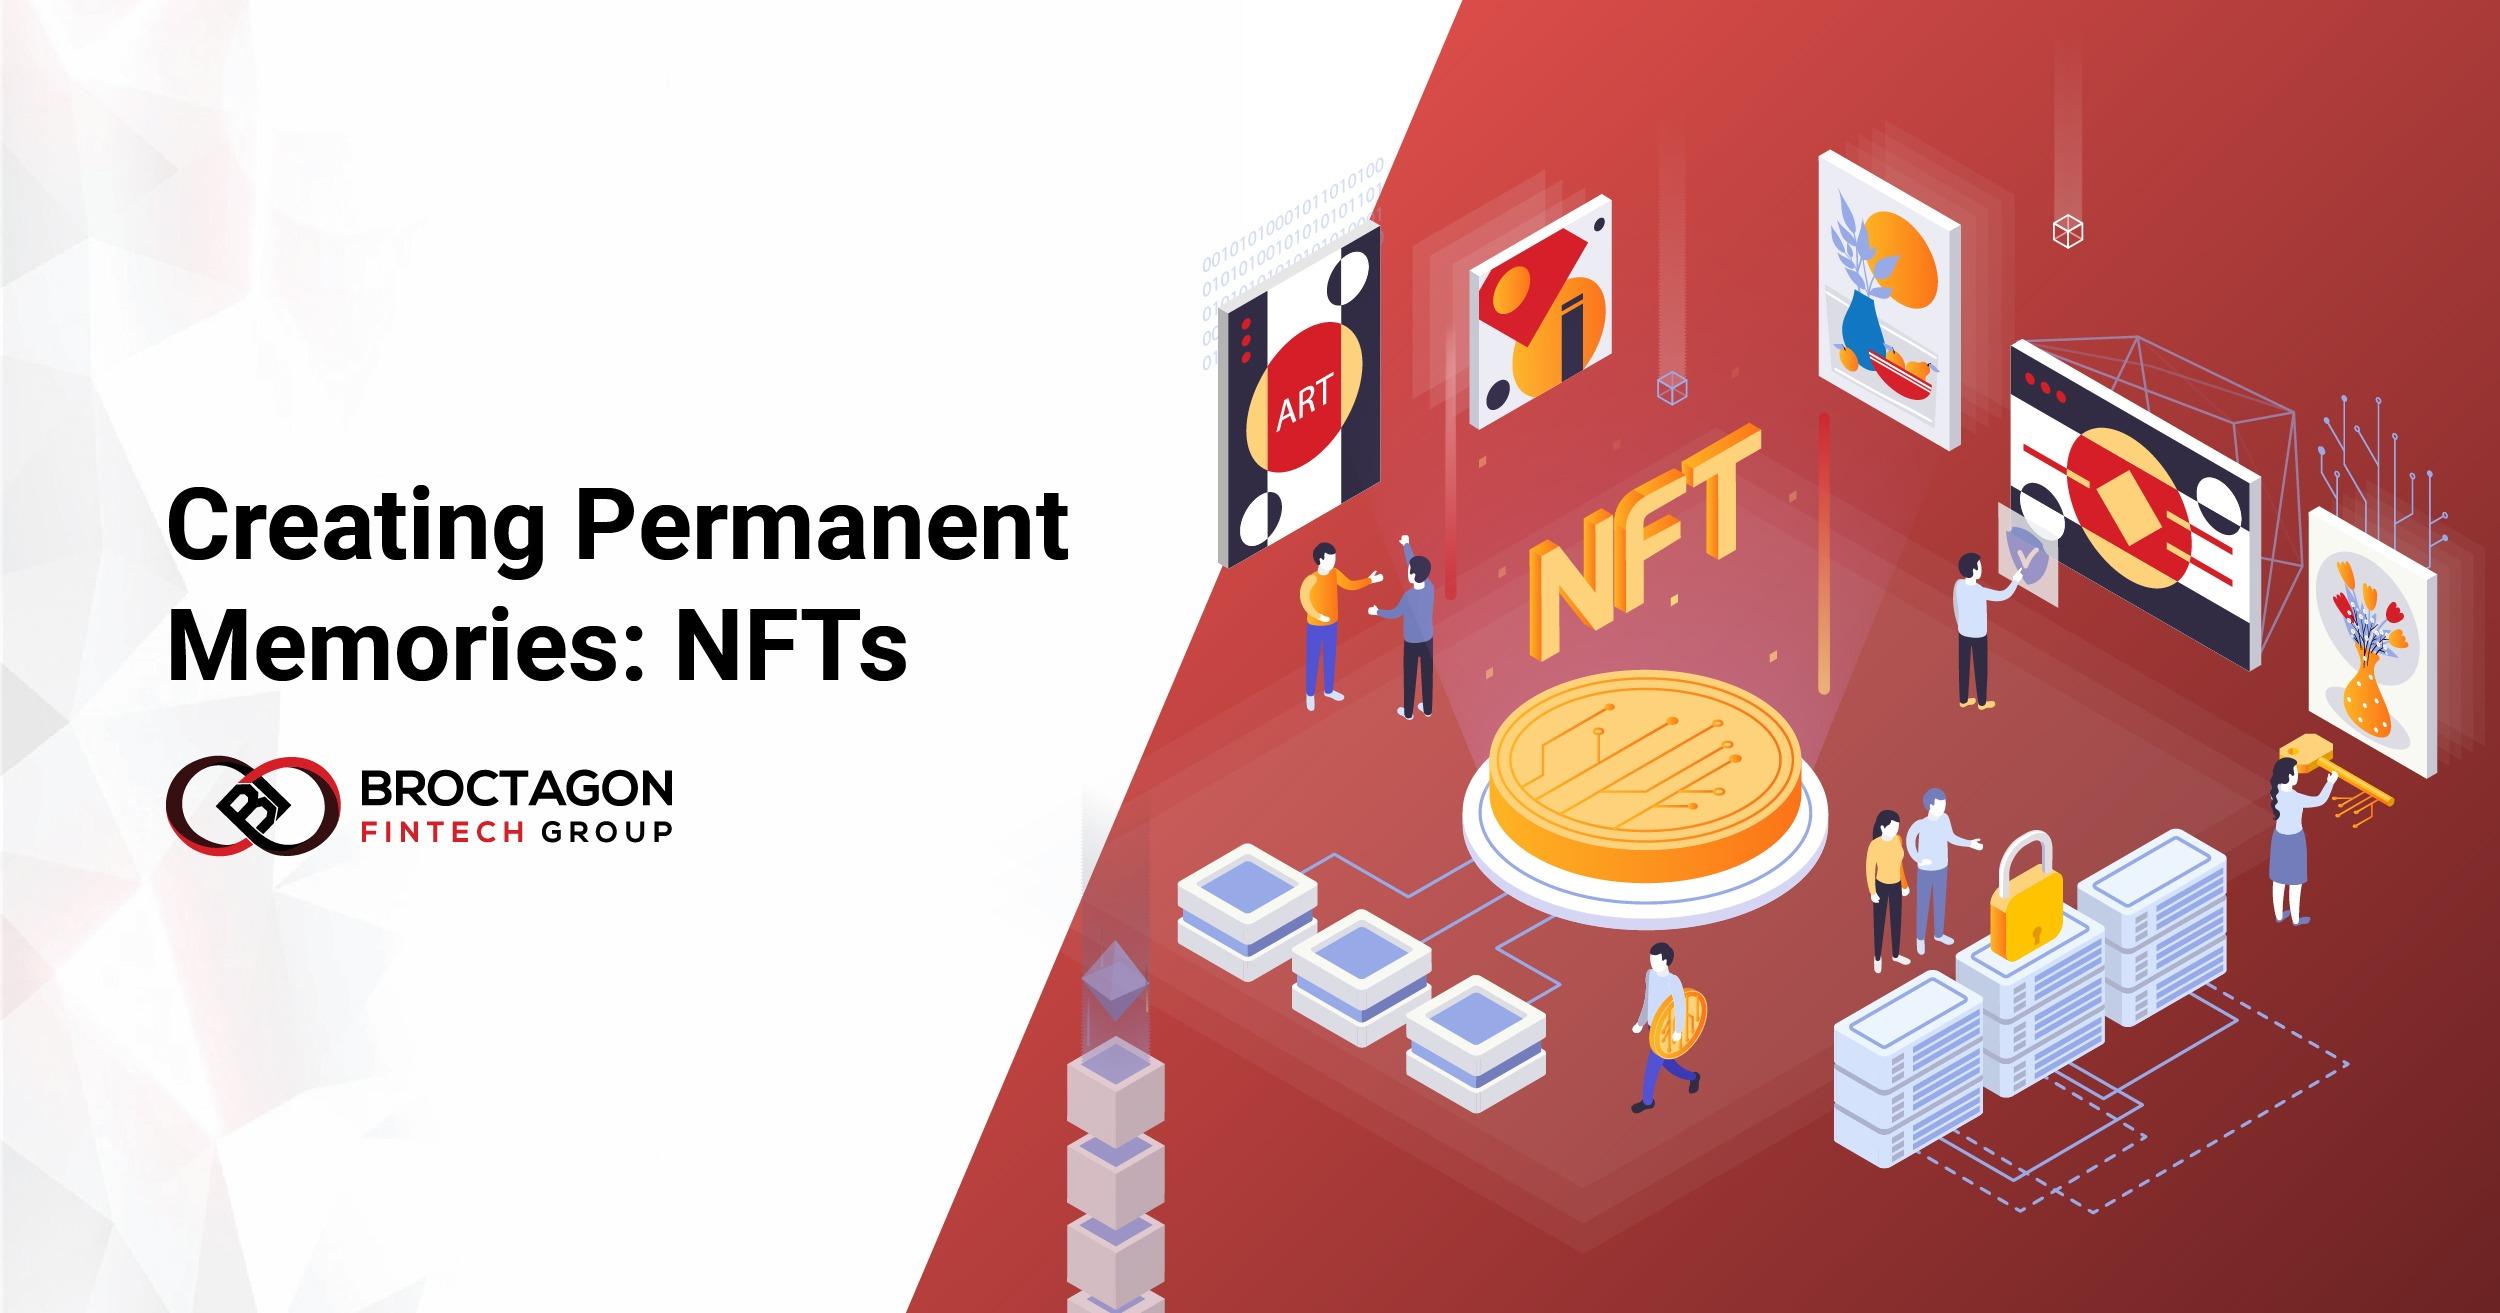 NFTs as Memories